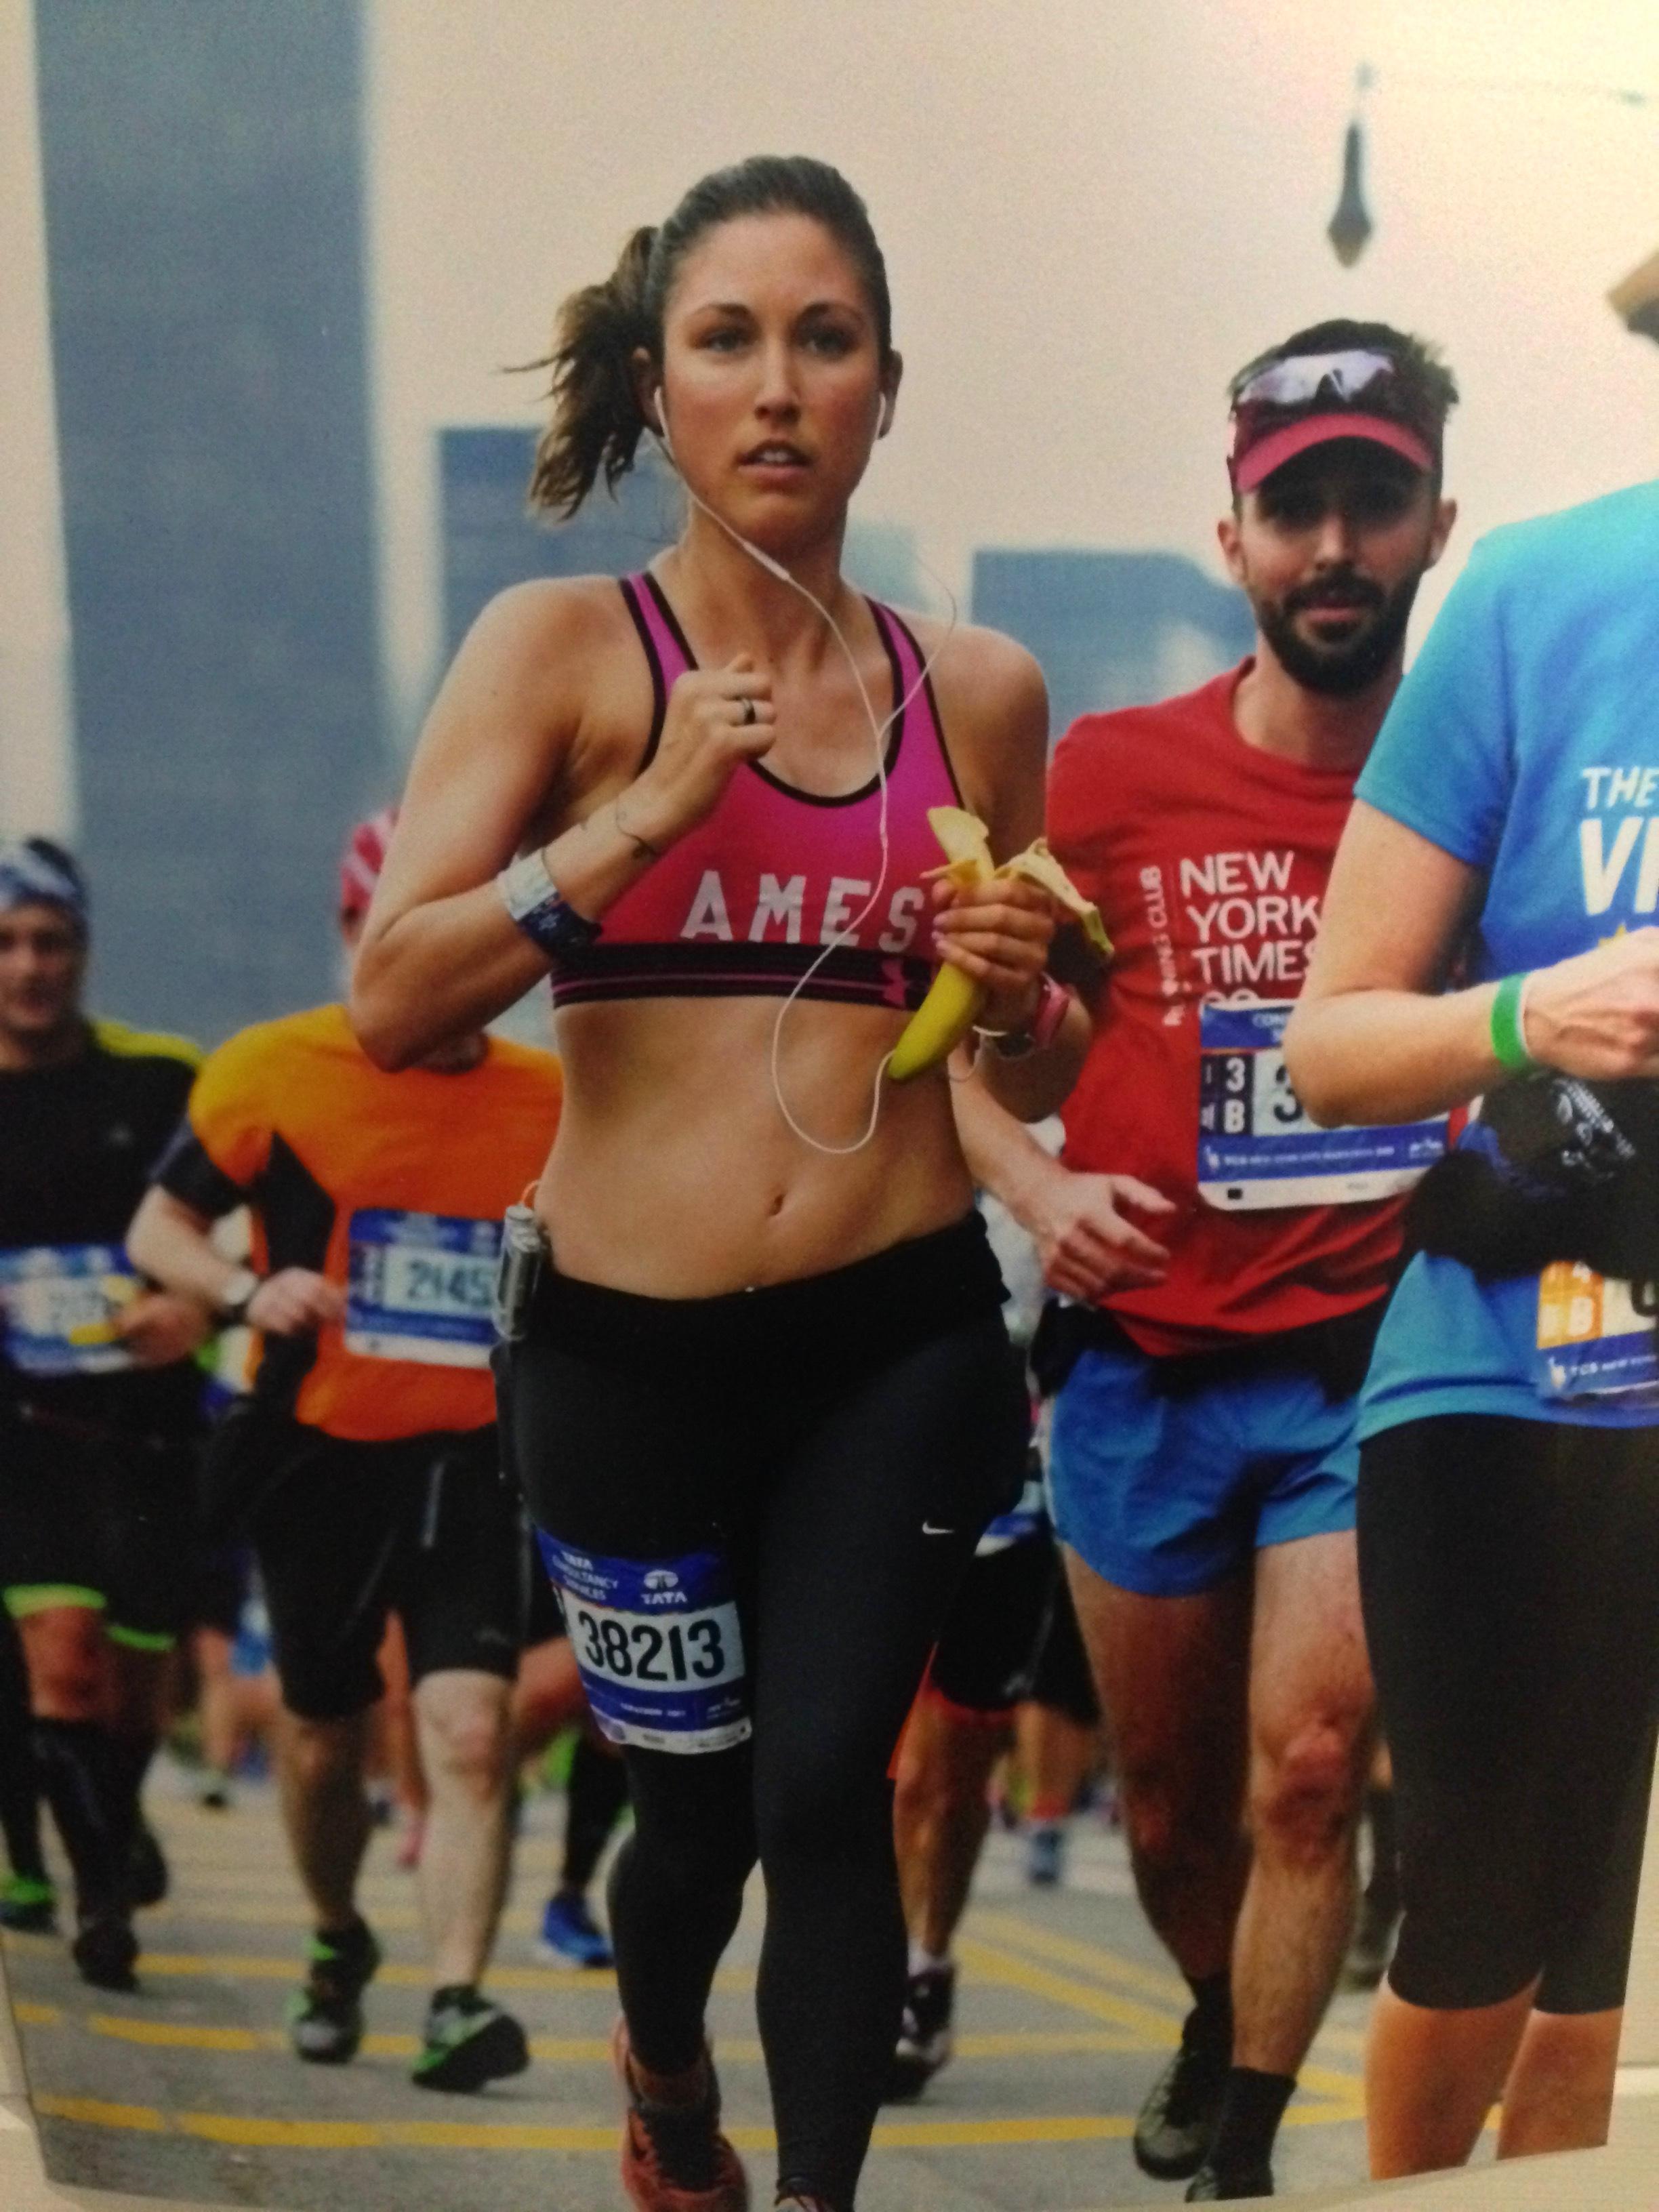 Amy McKinnon - Sydney, Australia - Runner